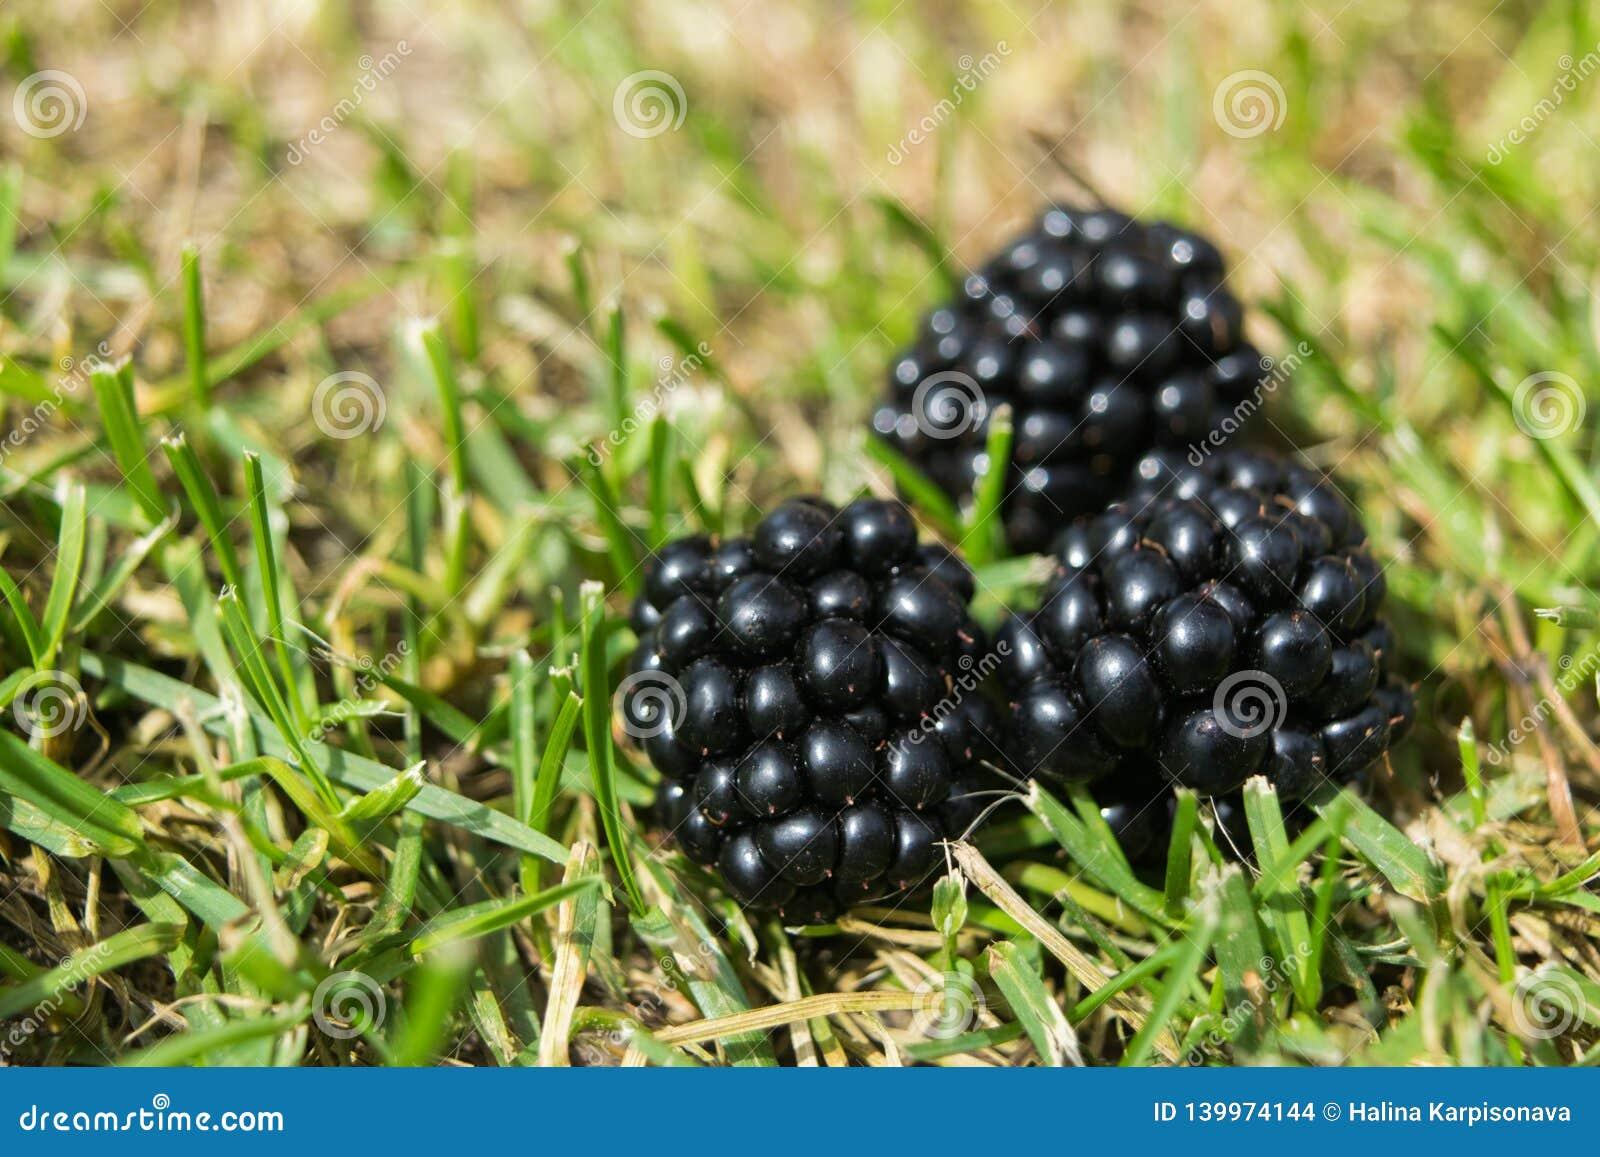 Ripe blackberries on summer green grass